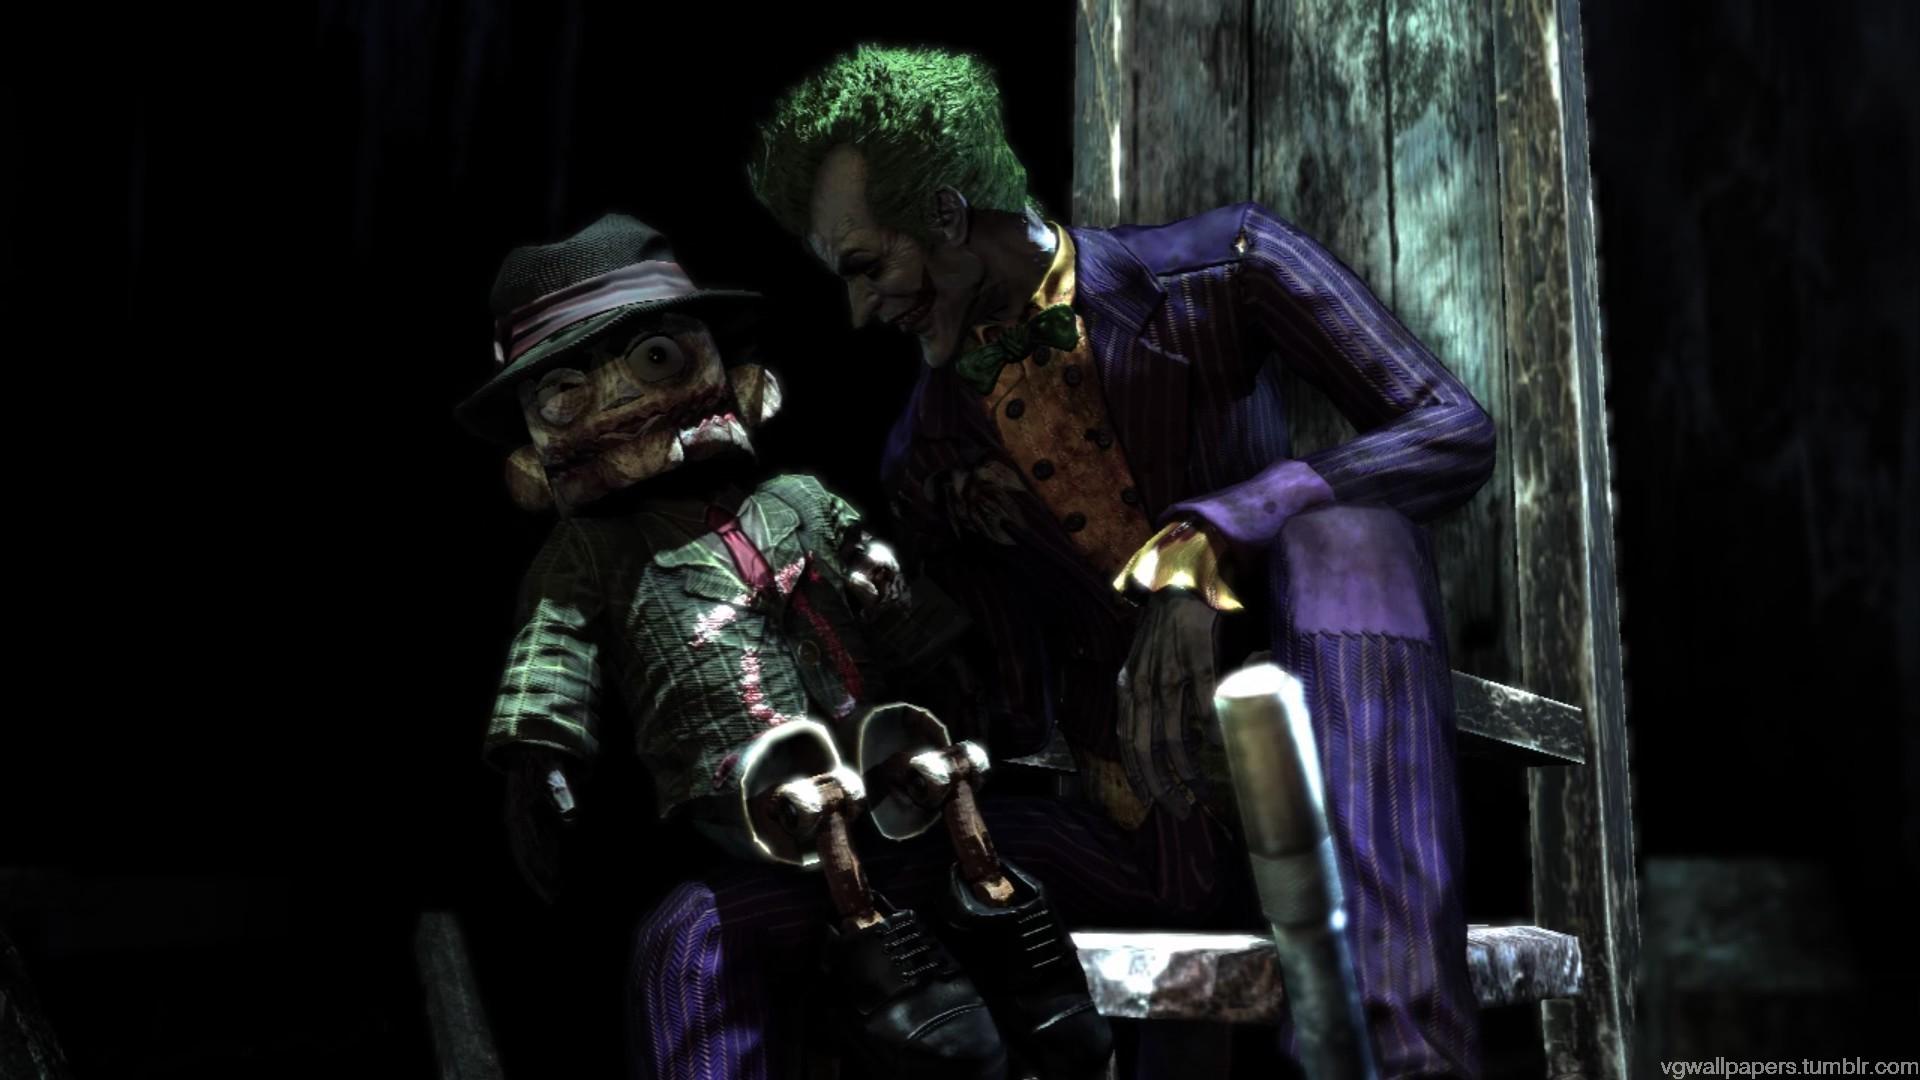 The Joker   a screenshot from The Batman Arkham AsylumClick image for 1920x1080